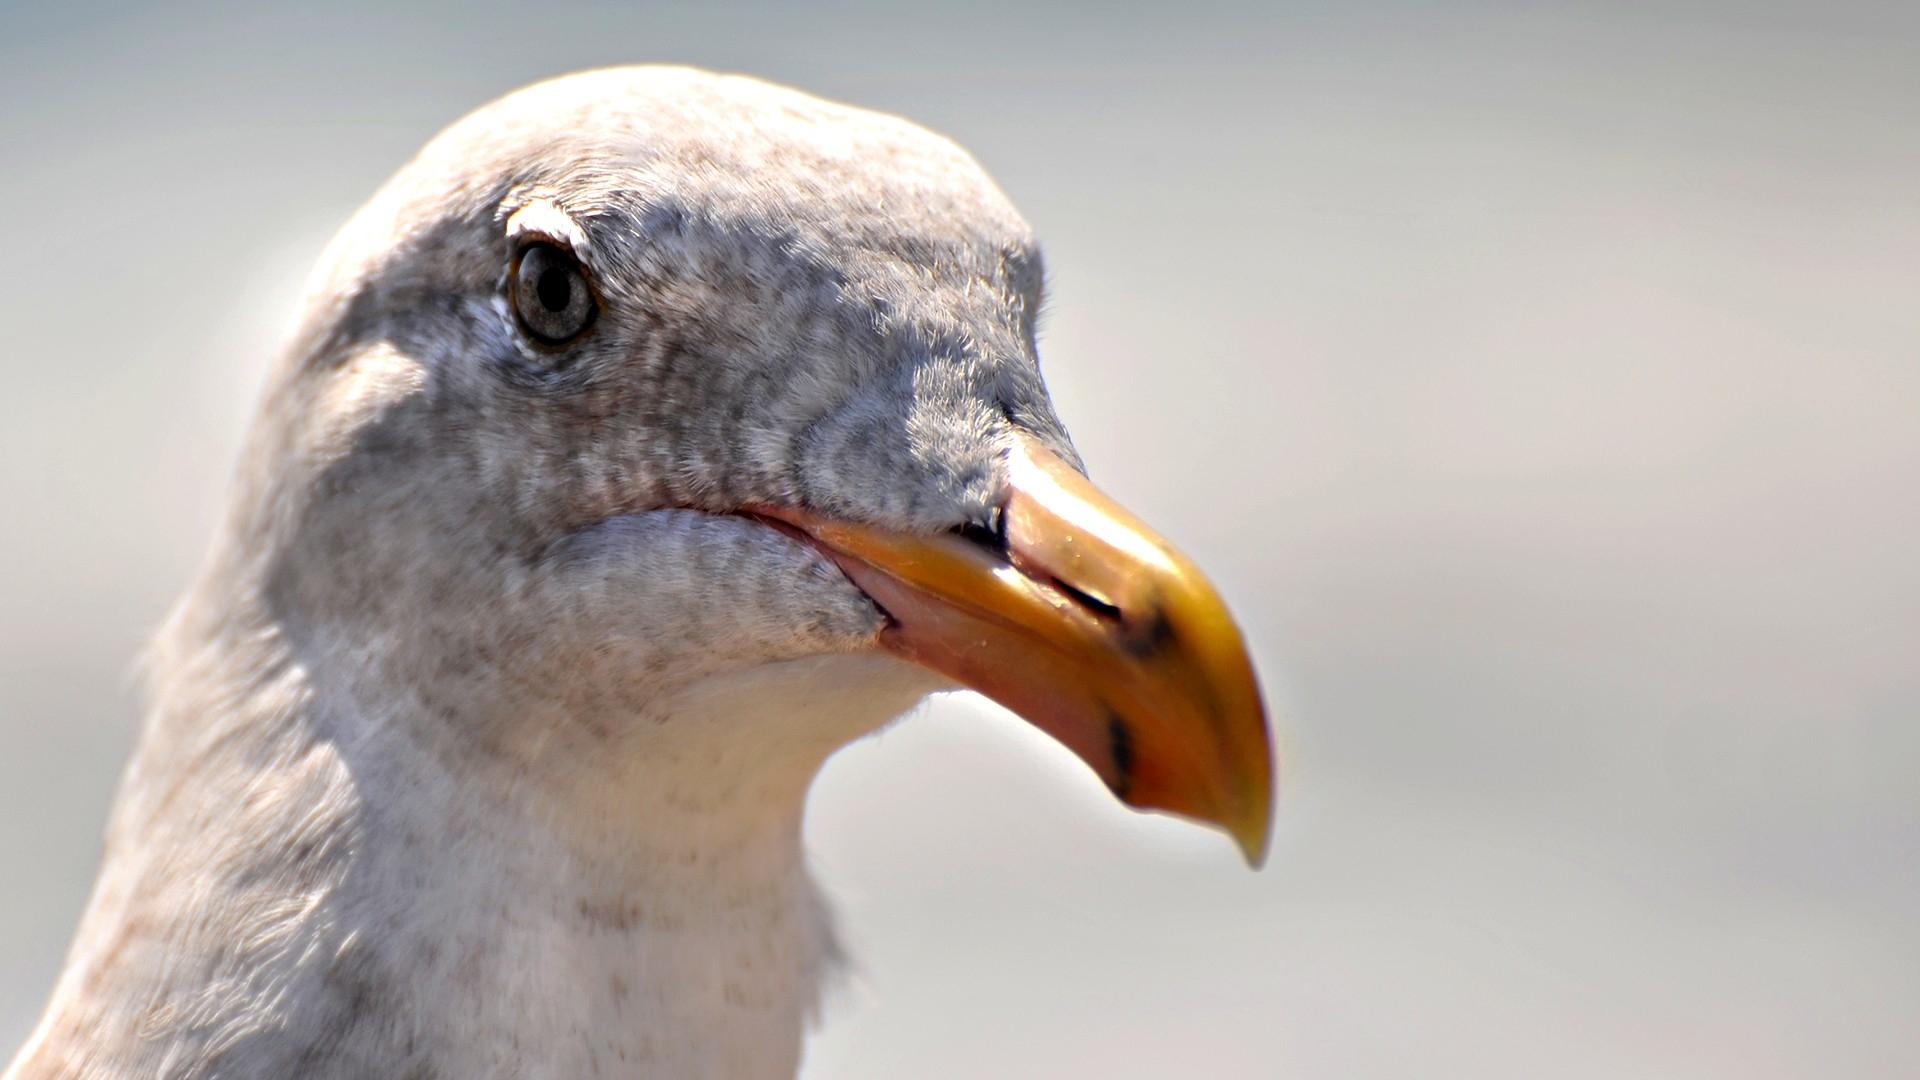 bird up close wallpaper hd 43148